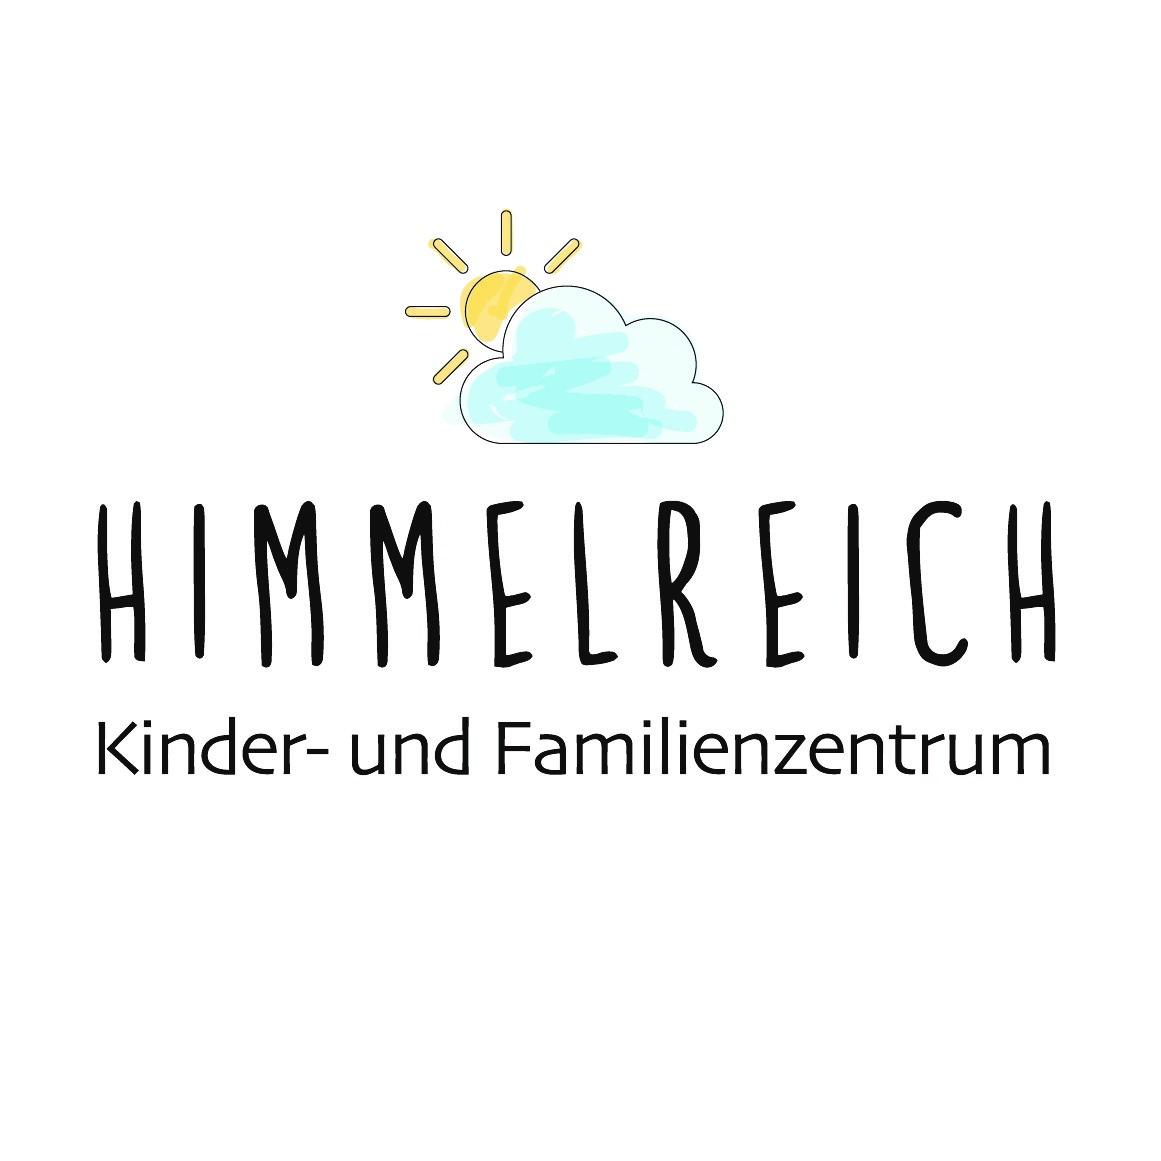 Veranstaltungen im Kinder- und Familienzentrum Himmelreich